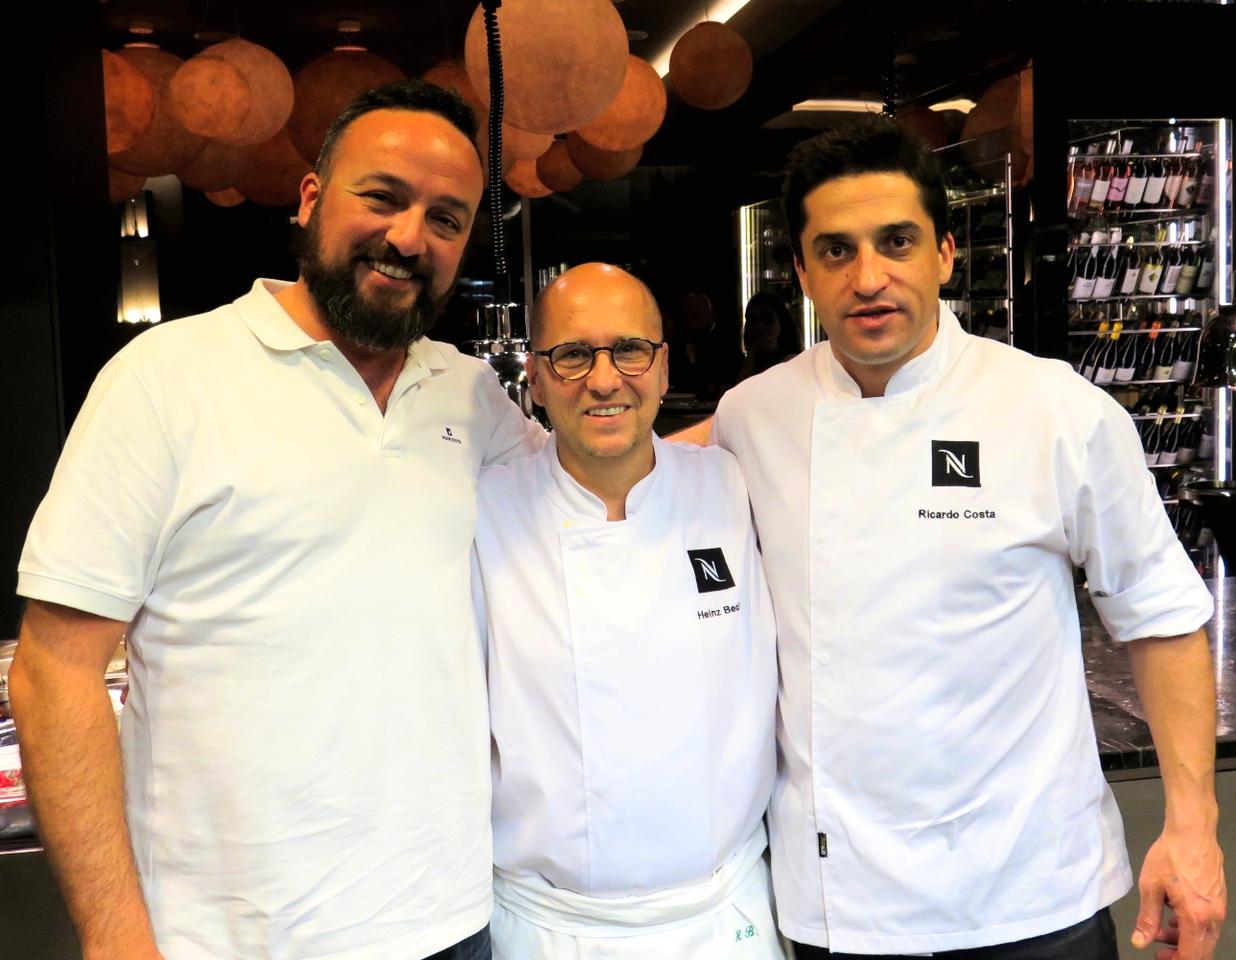 Na cozinha do GUSTO e com a sala em fundo: Pedro Lemos, Heinz Beck, Ricardo Costa